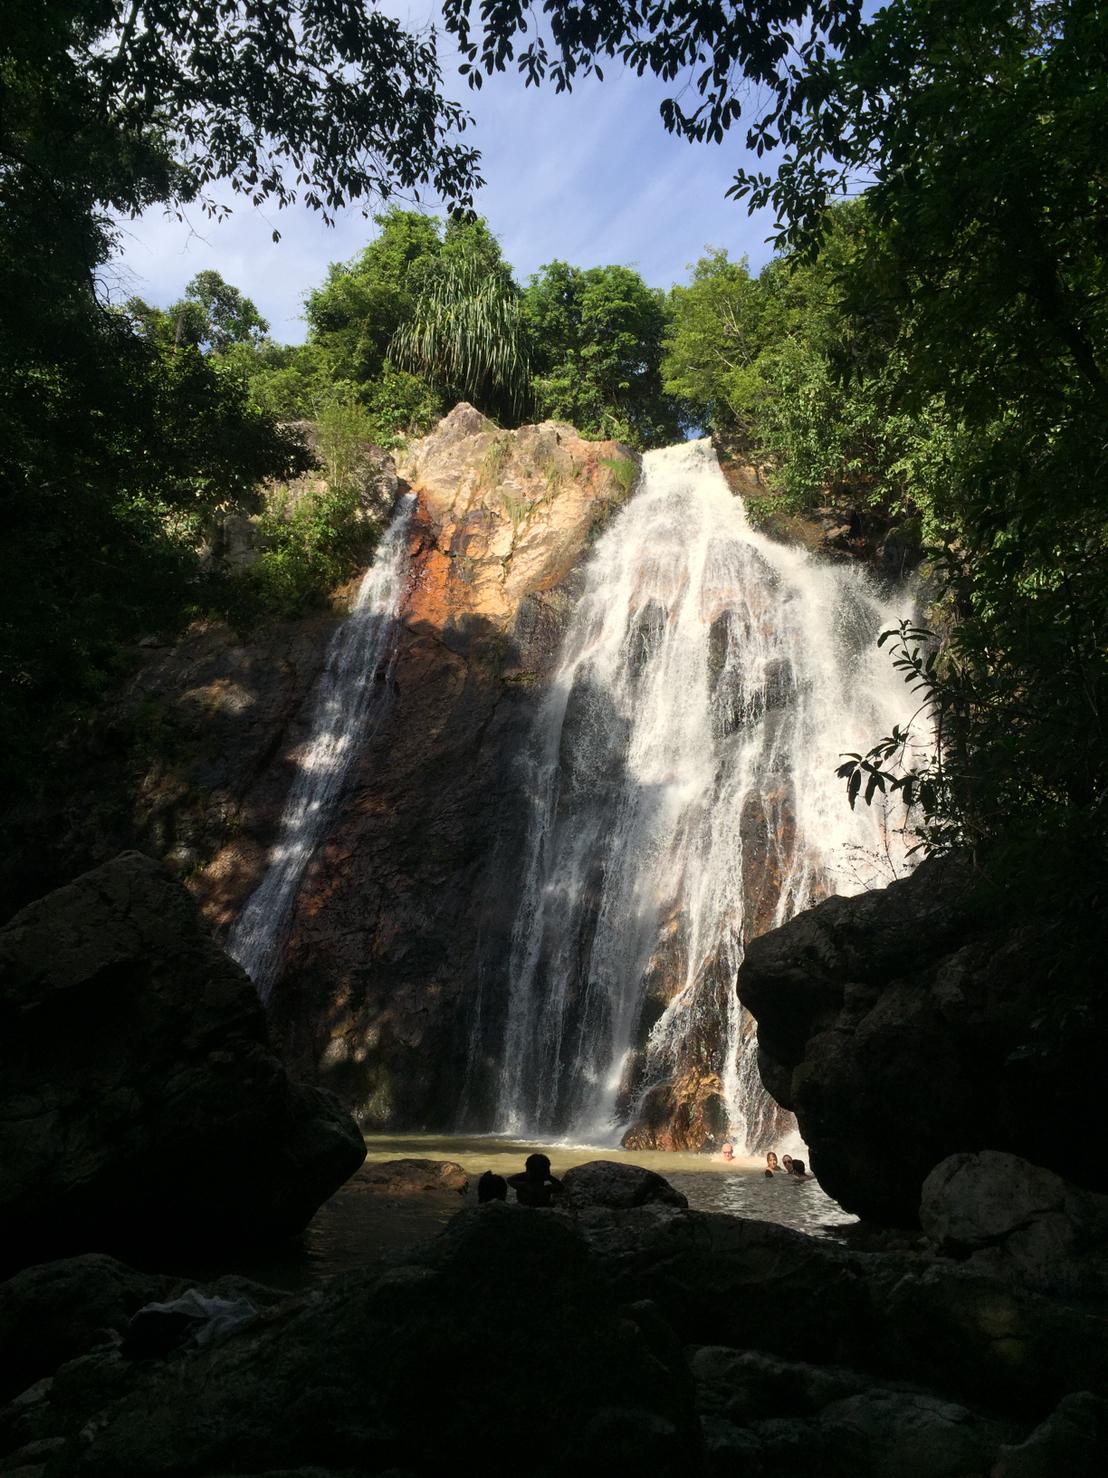 ▲還去了納蒙瀑布,對余荃斌來說,如同人間仙境般的美麗。